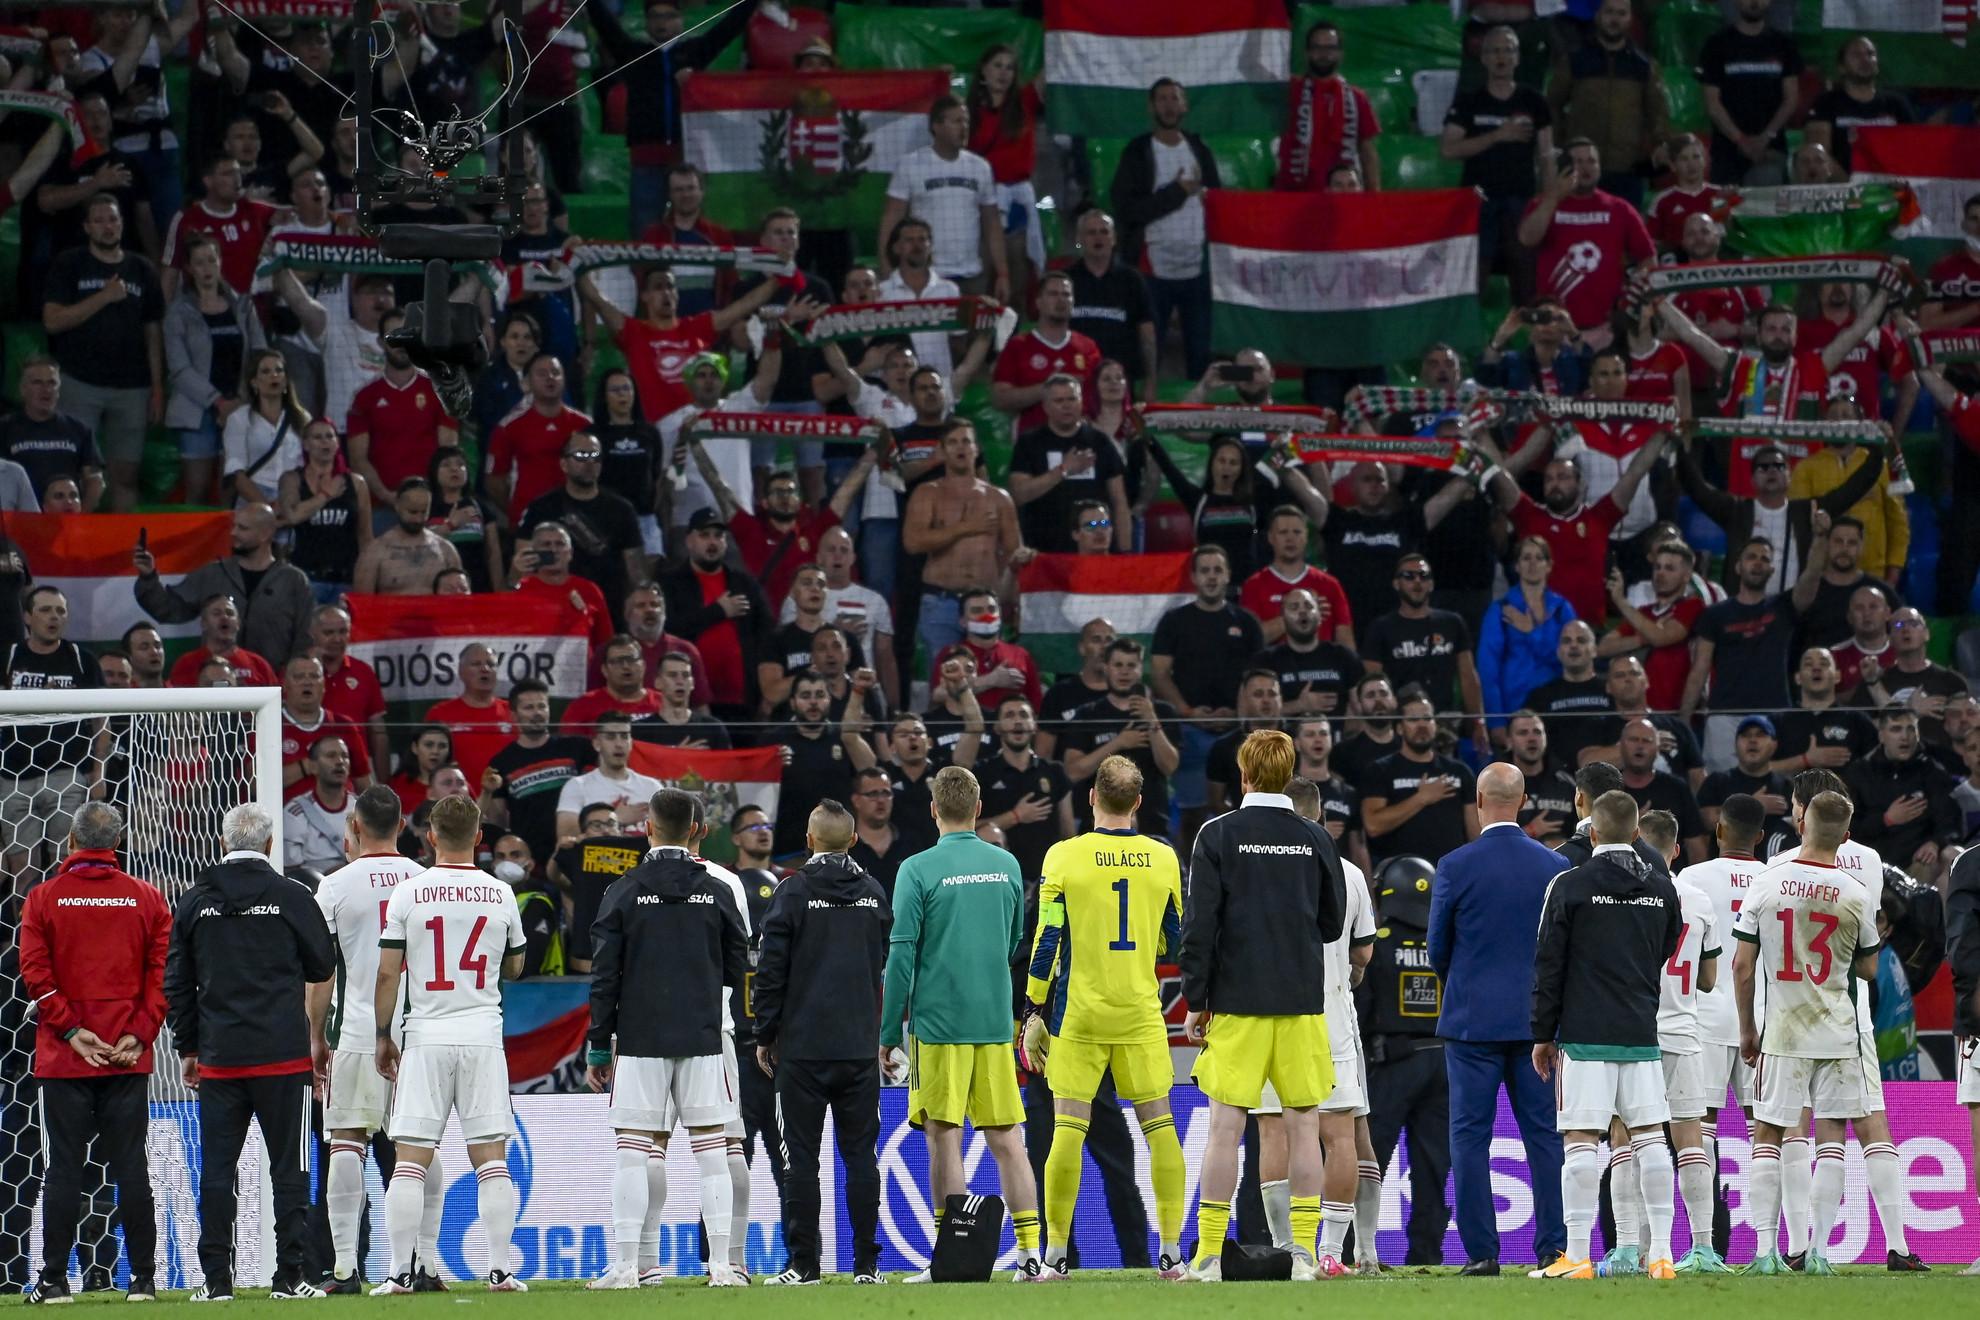 Büszkén szólhatott a magyar Himnusz a szurkolók torkából a müncheni Allianz Arénában